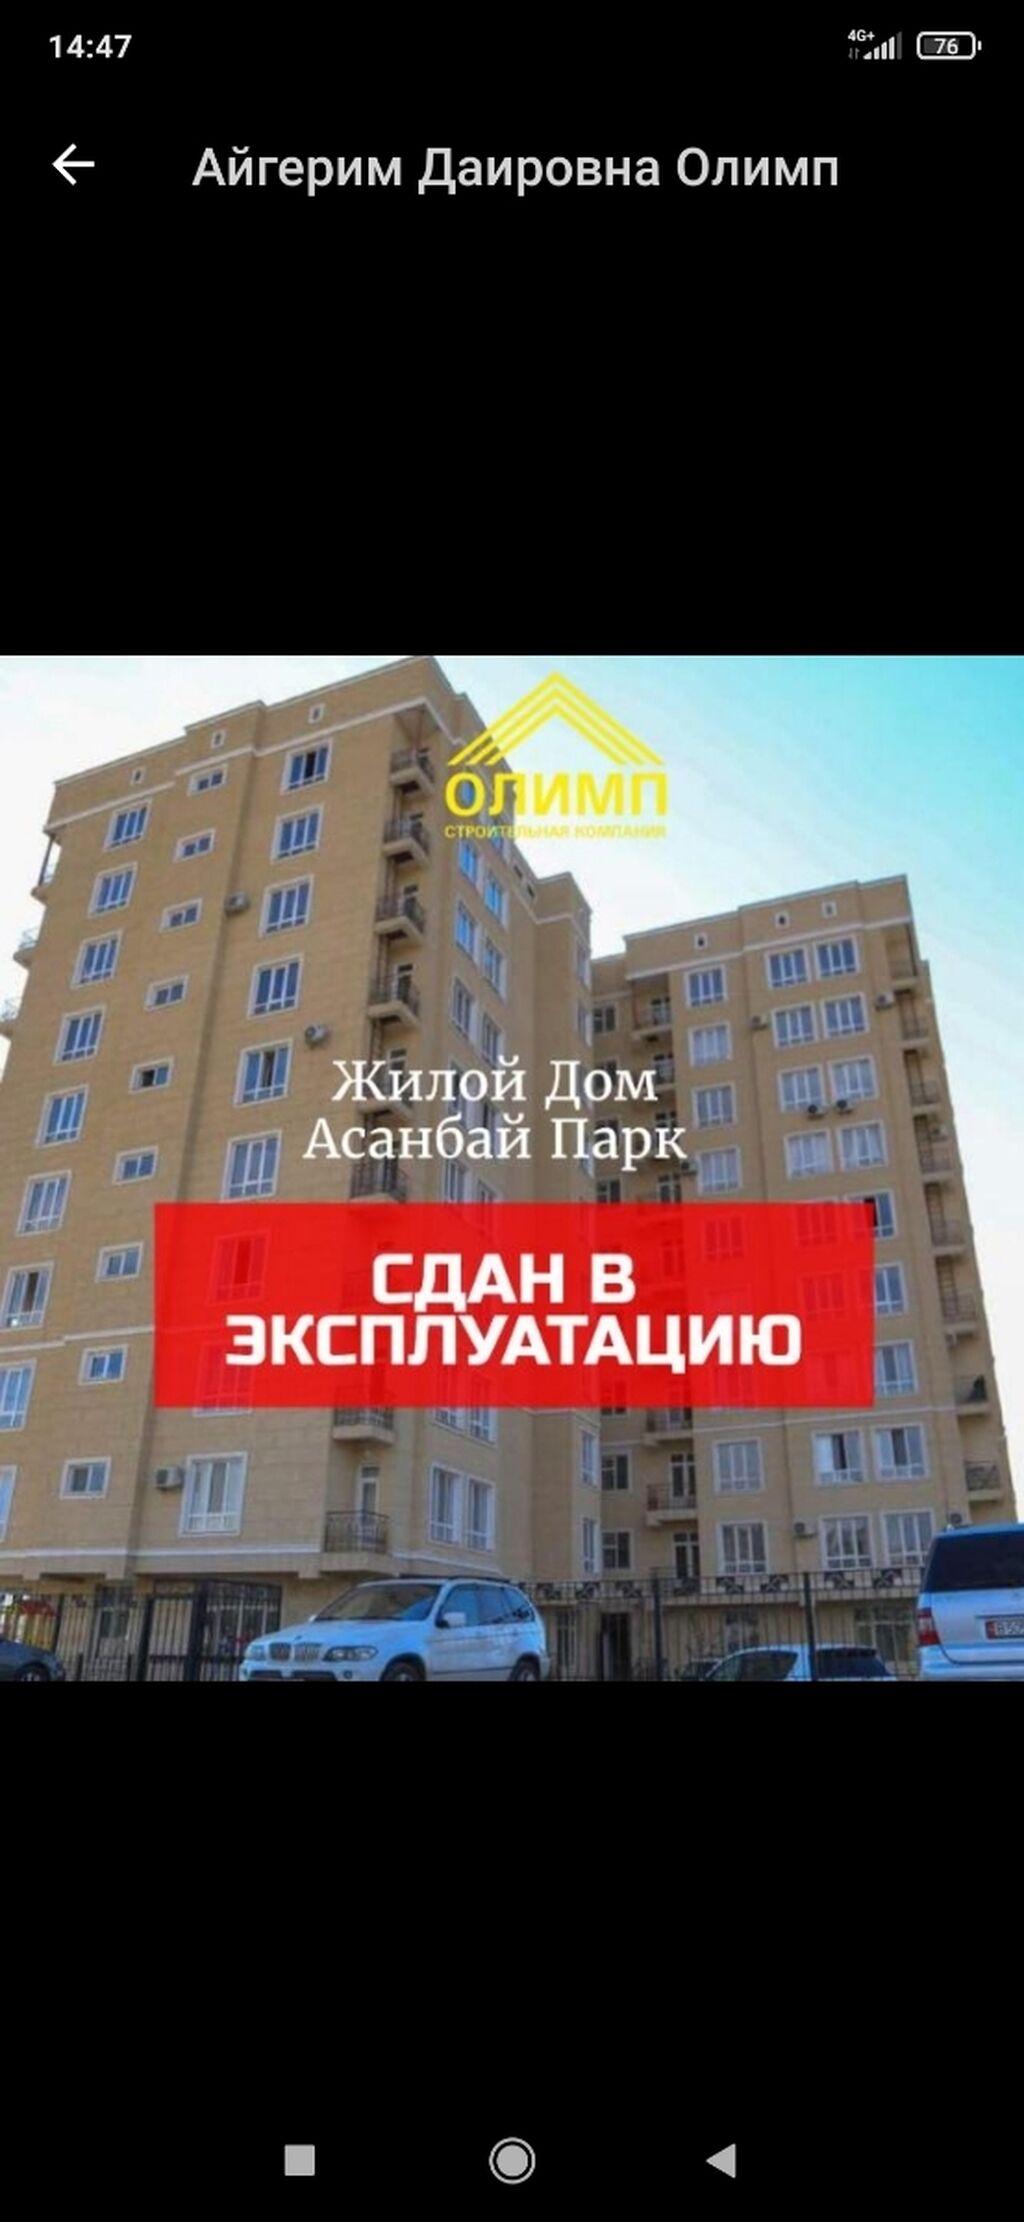 Продается квартира: Элитка, Асанбай, 5 комнат, 160 кв. м: Продается квартира: Элитка, Асанбай, 5 комнат, 160 кв. м